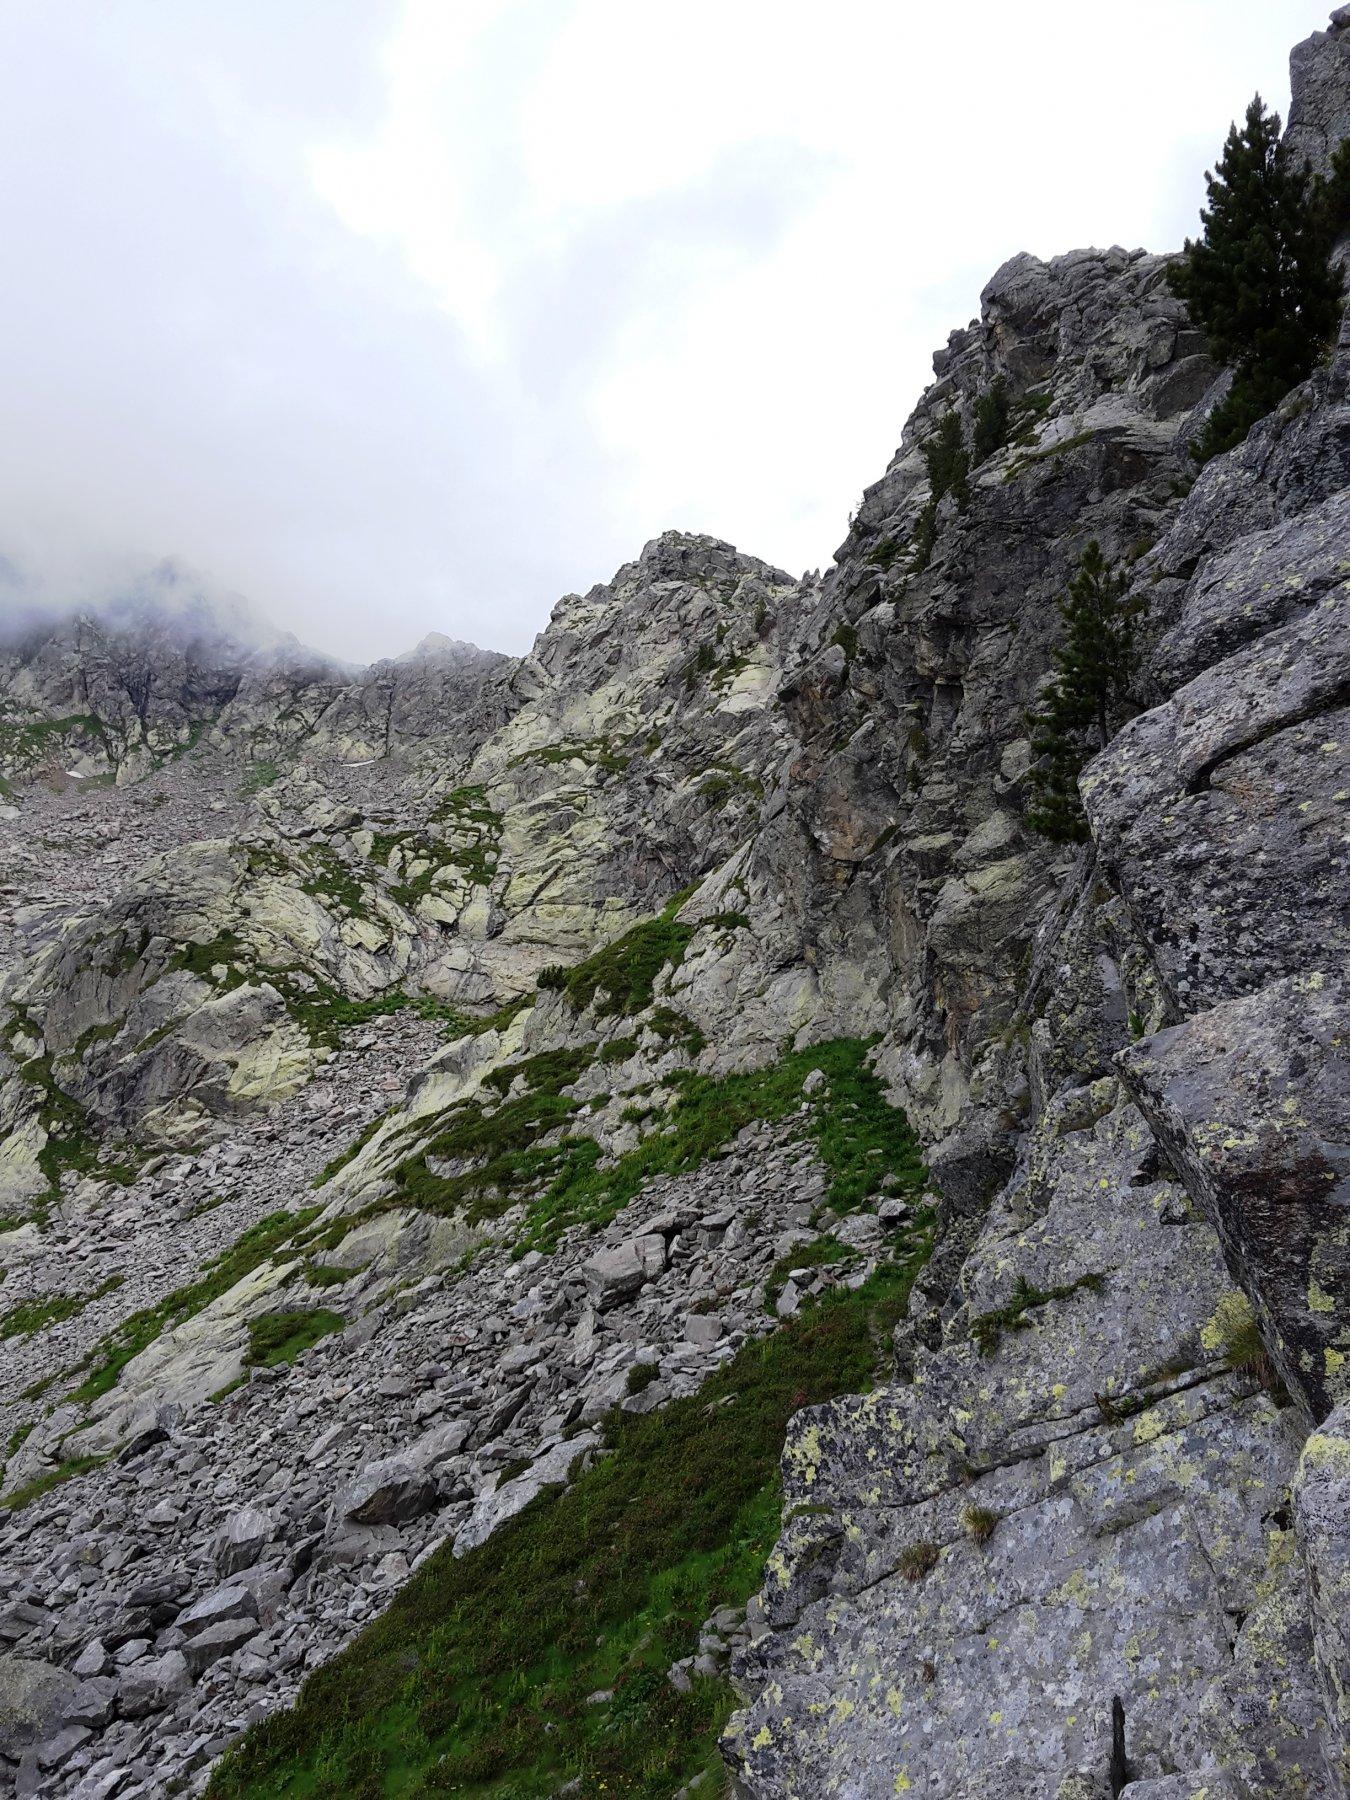 il sentiero di accesso, sotto la cresta Carisey